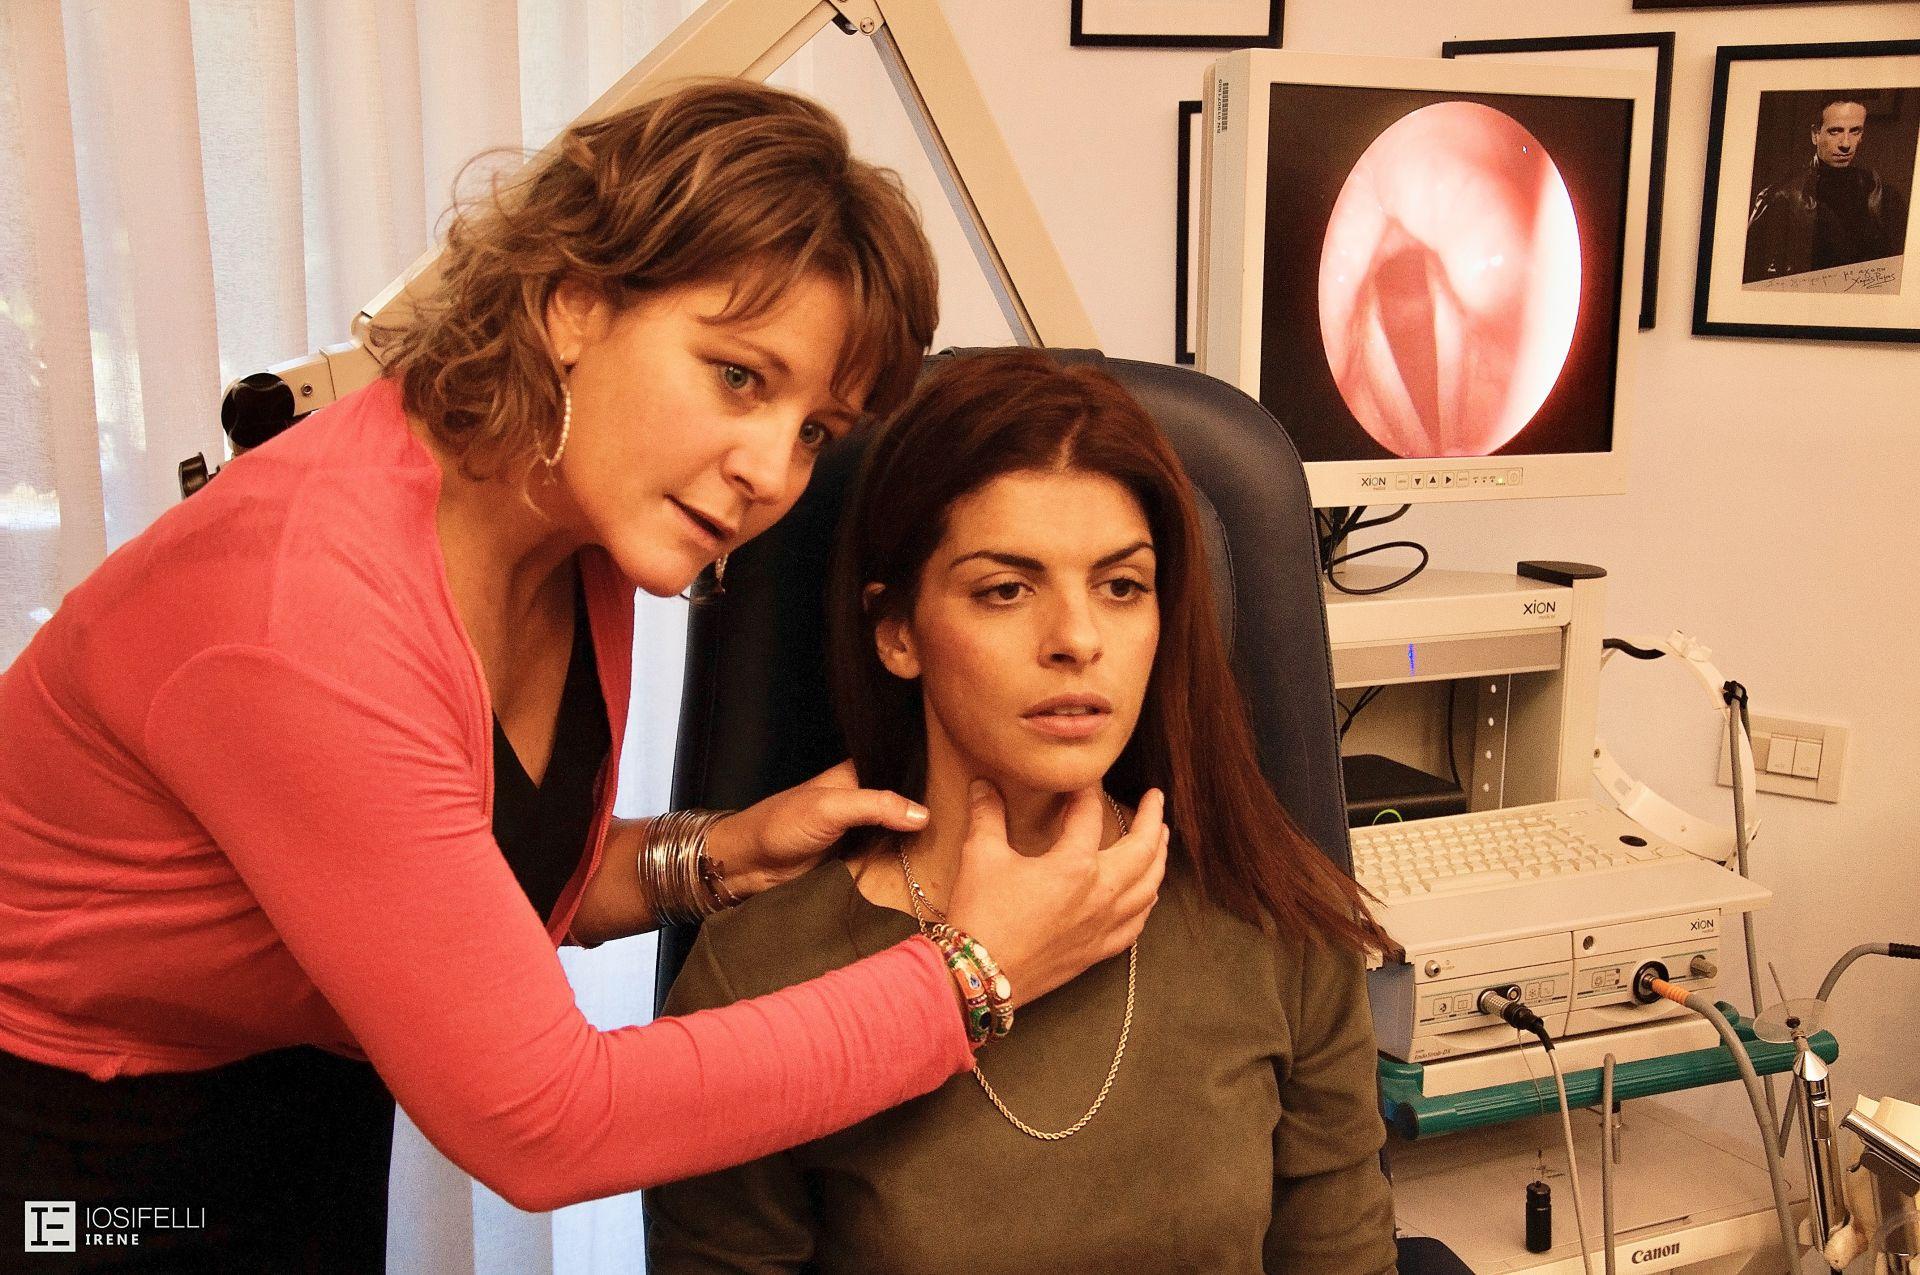 Μαθαίνοντας να ψηλαφώ το λάρυγγα, υπό την καθοδήγηση της συνεργάτιδας Σοφία Γεωργίου- Φυσικοθεραπεύτρια Φωνής<span></span>